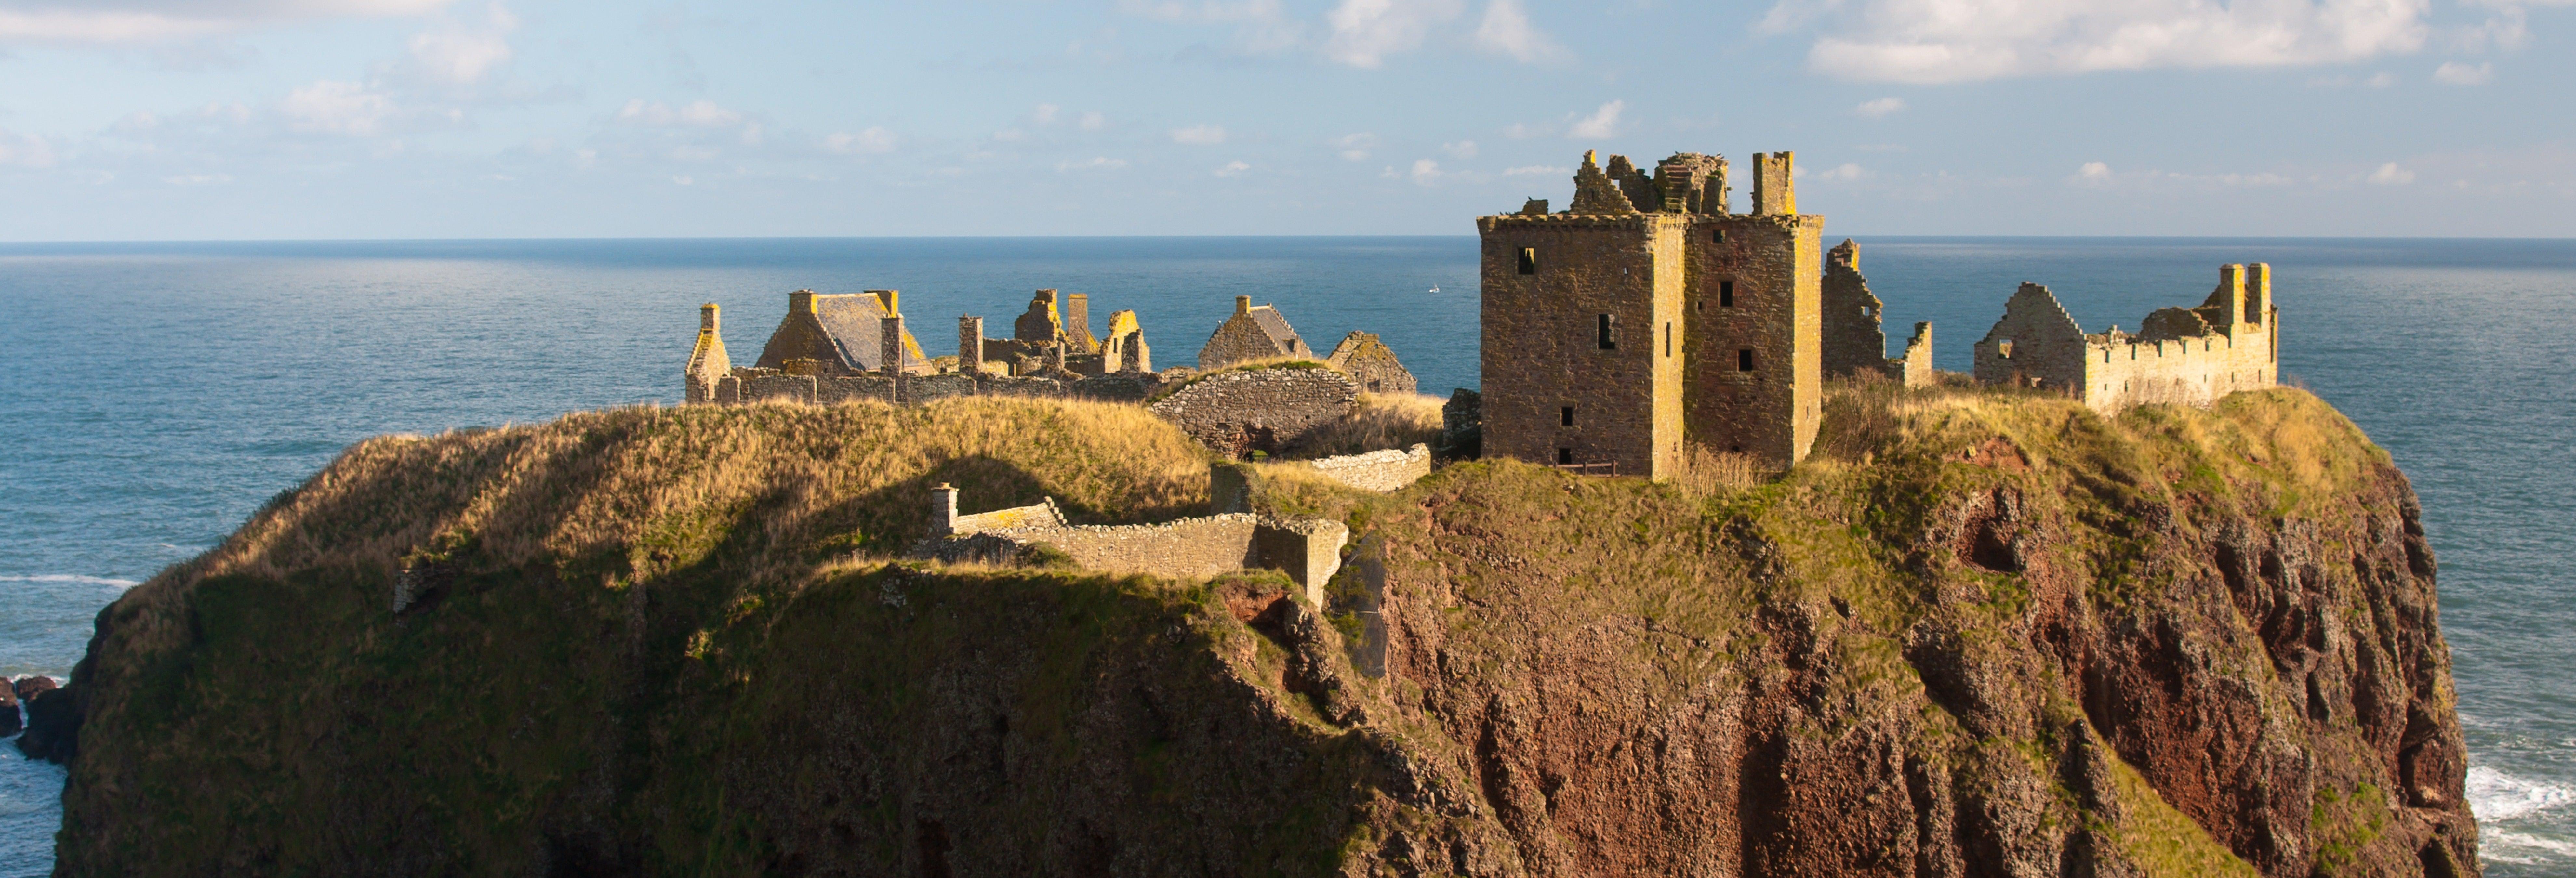 Excursión a los castillos de Glamis y Dunnottar